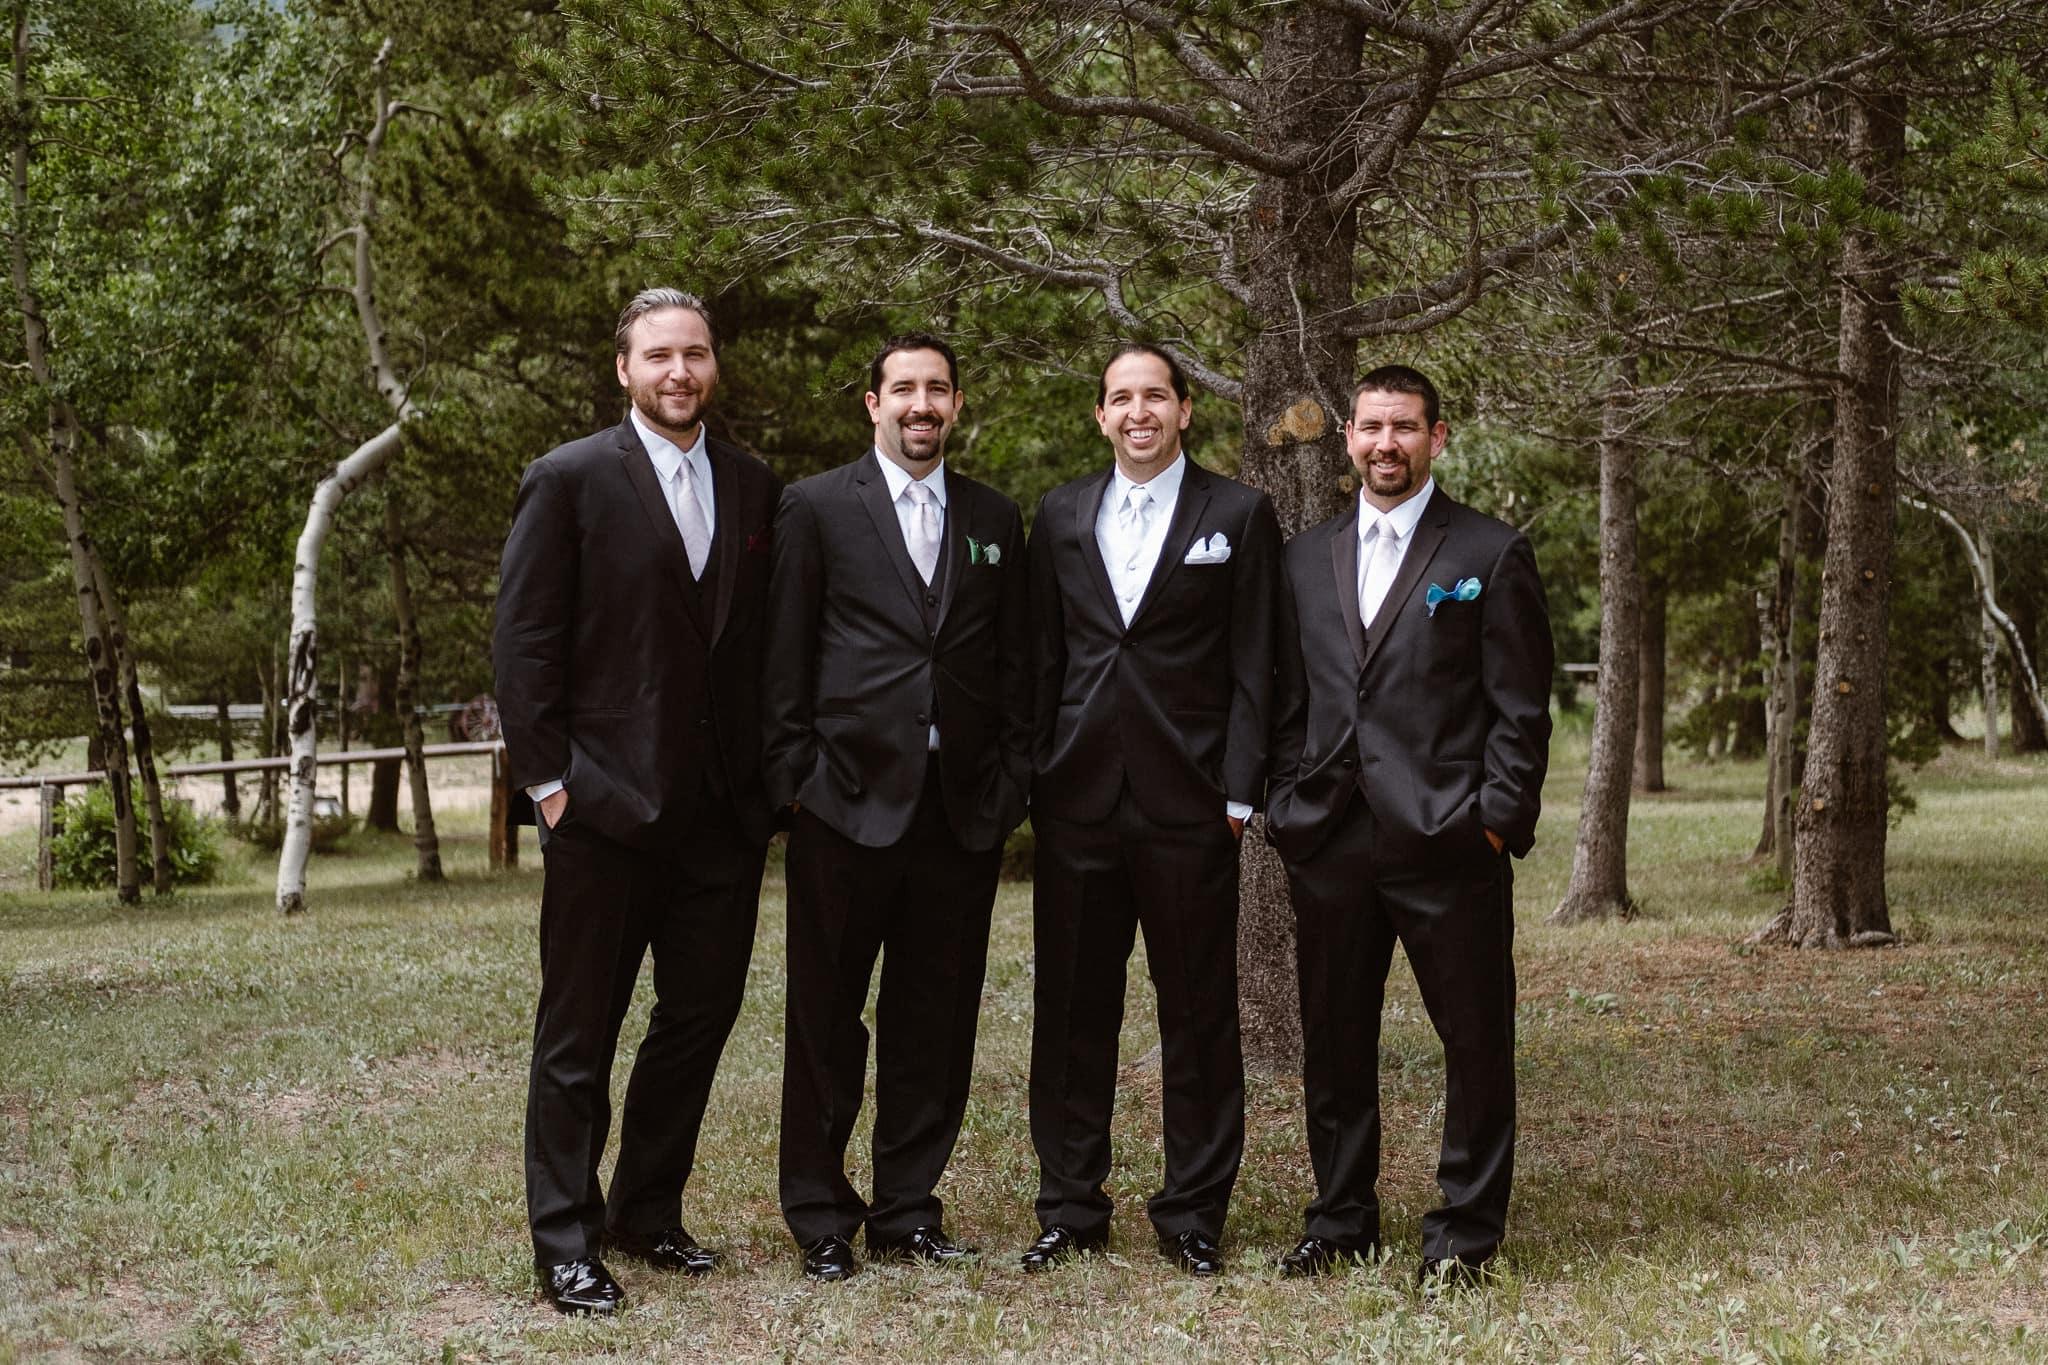 Dao House wedding photographer, Estes Park wedding venue, Colorado mountain wedding, groom and groomsmen